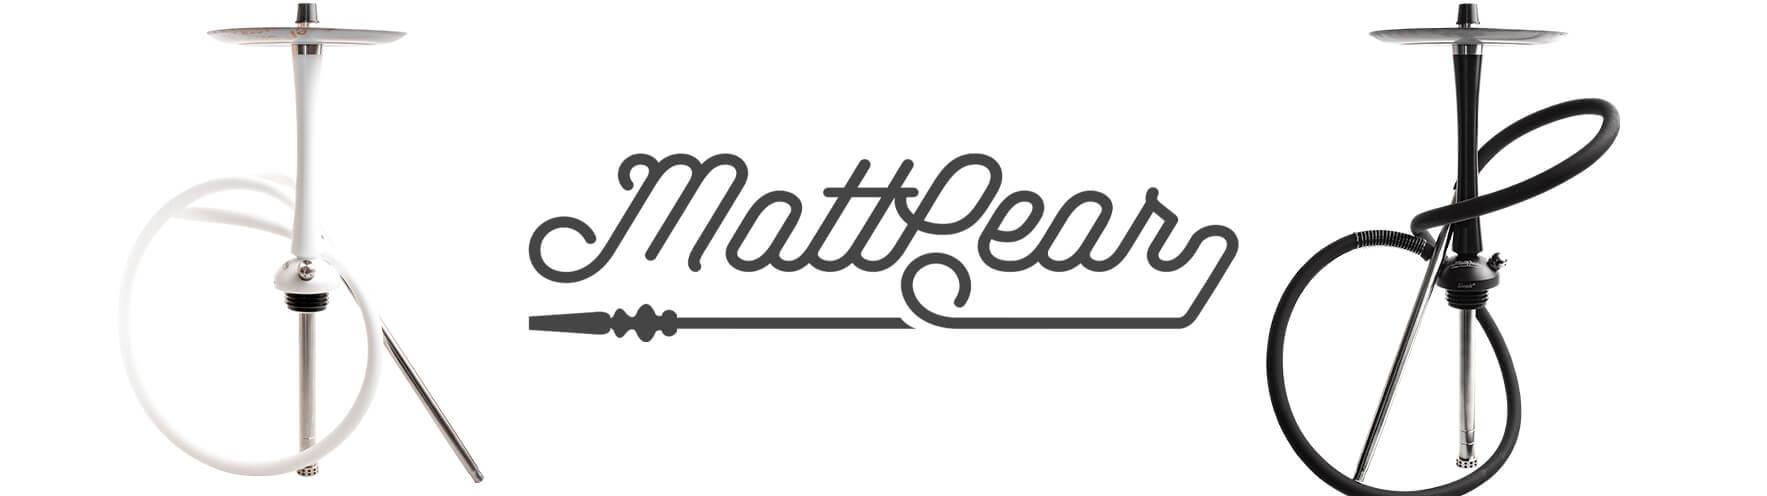 Кальяны MattPear по оптовым ценам на официальном сайте - ilfumo